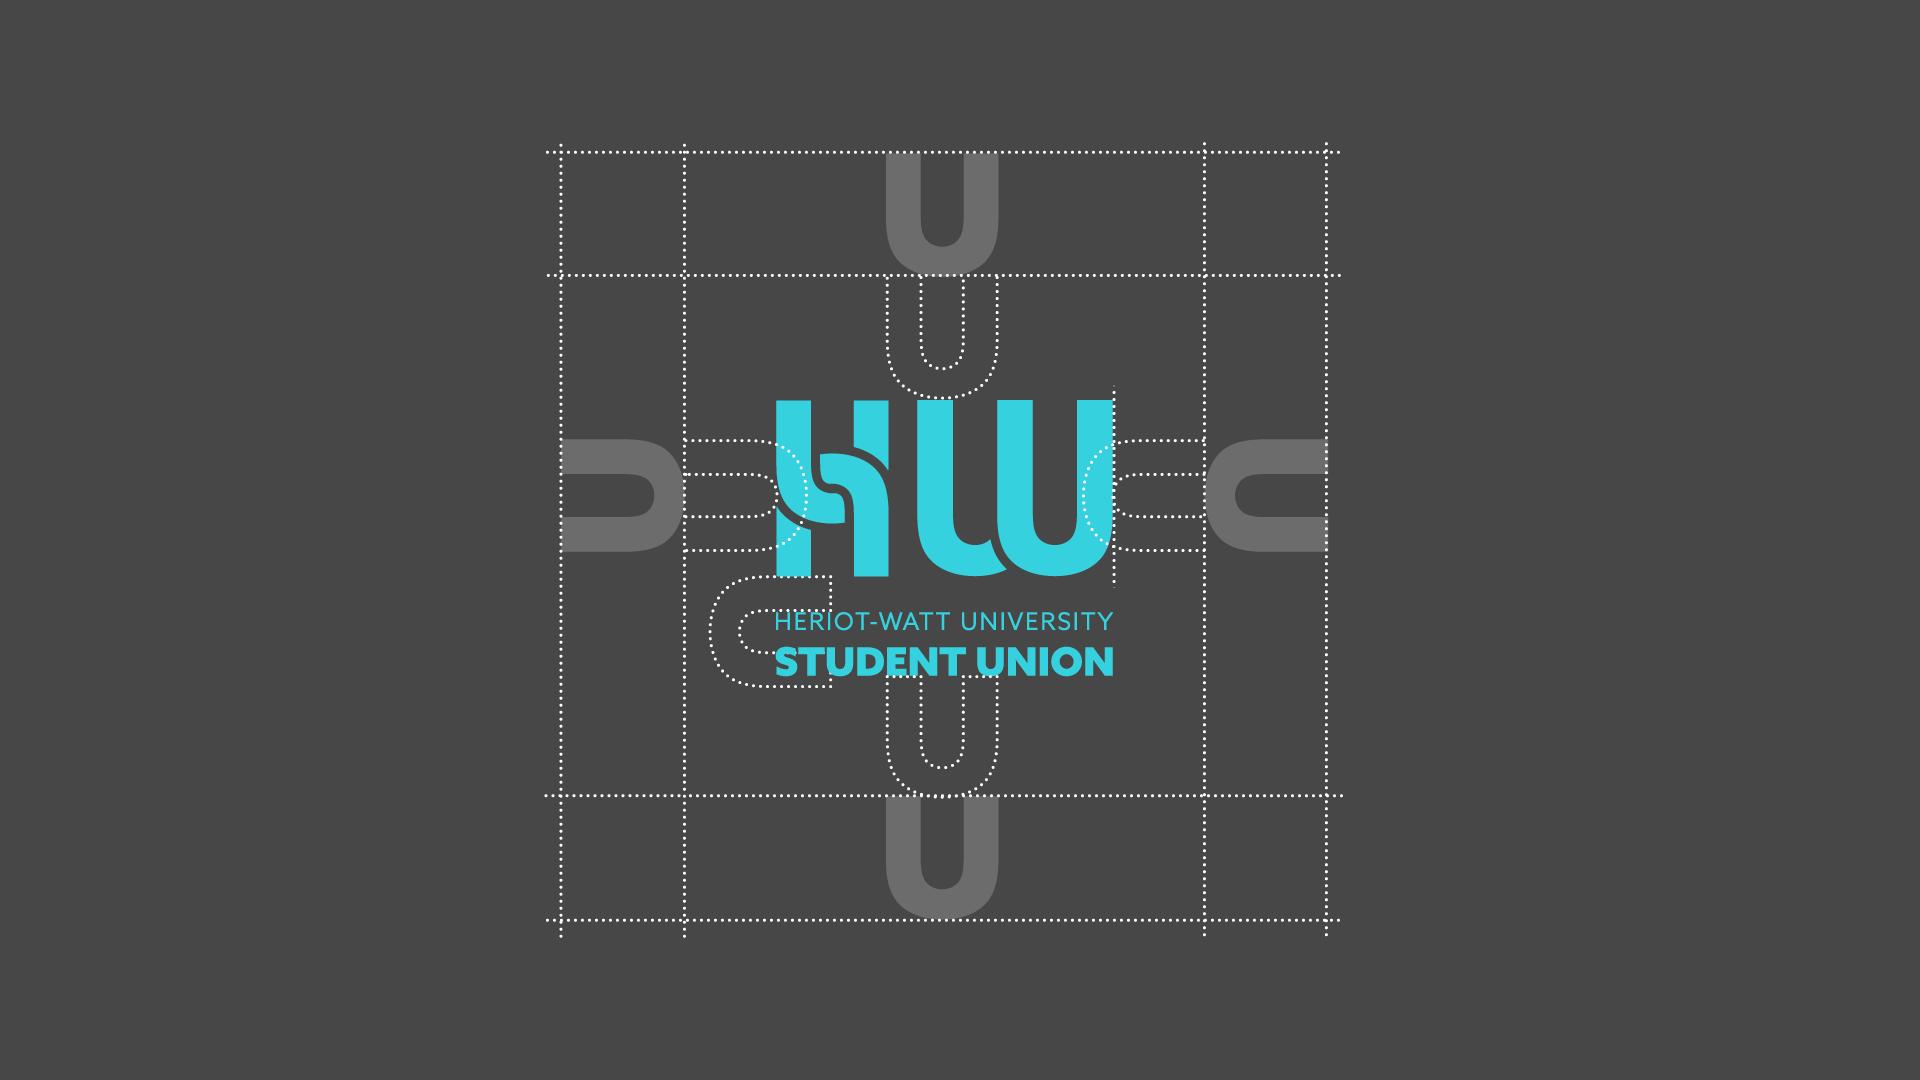 HWU_logo-lock-up2